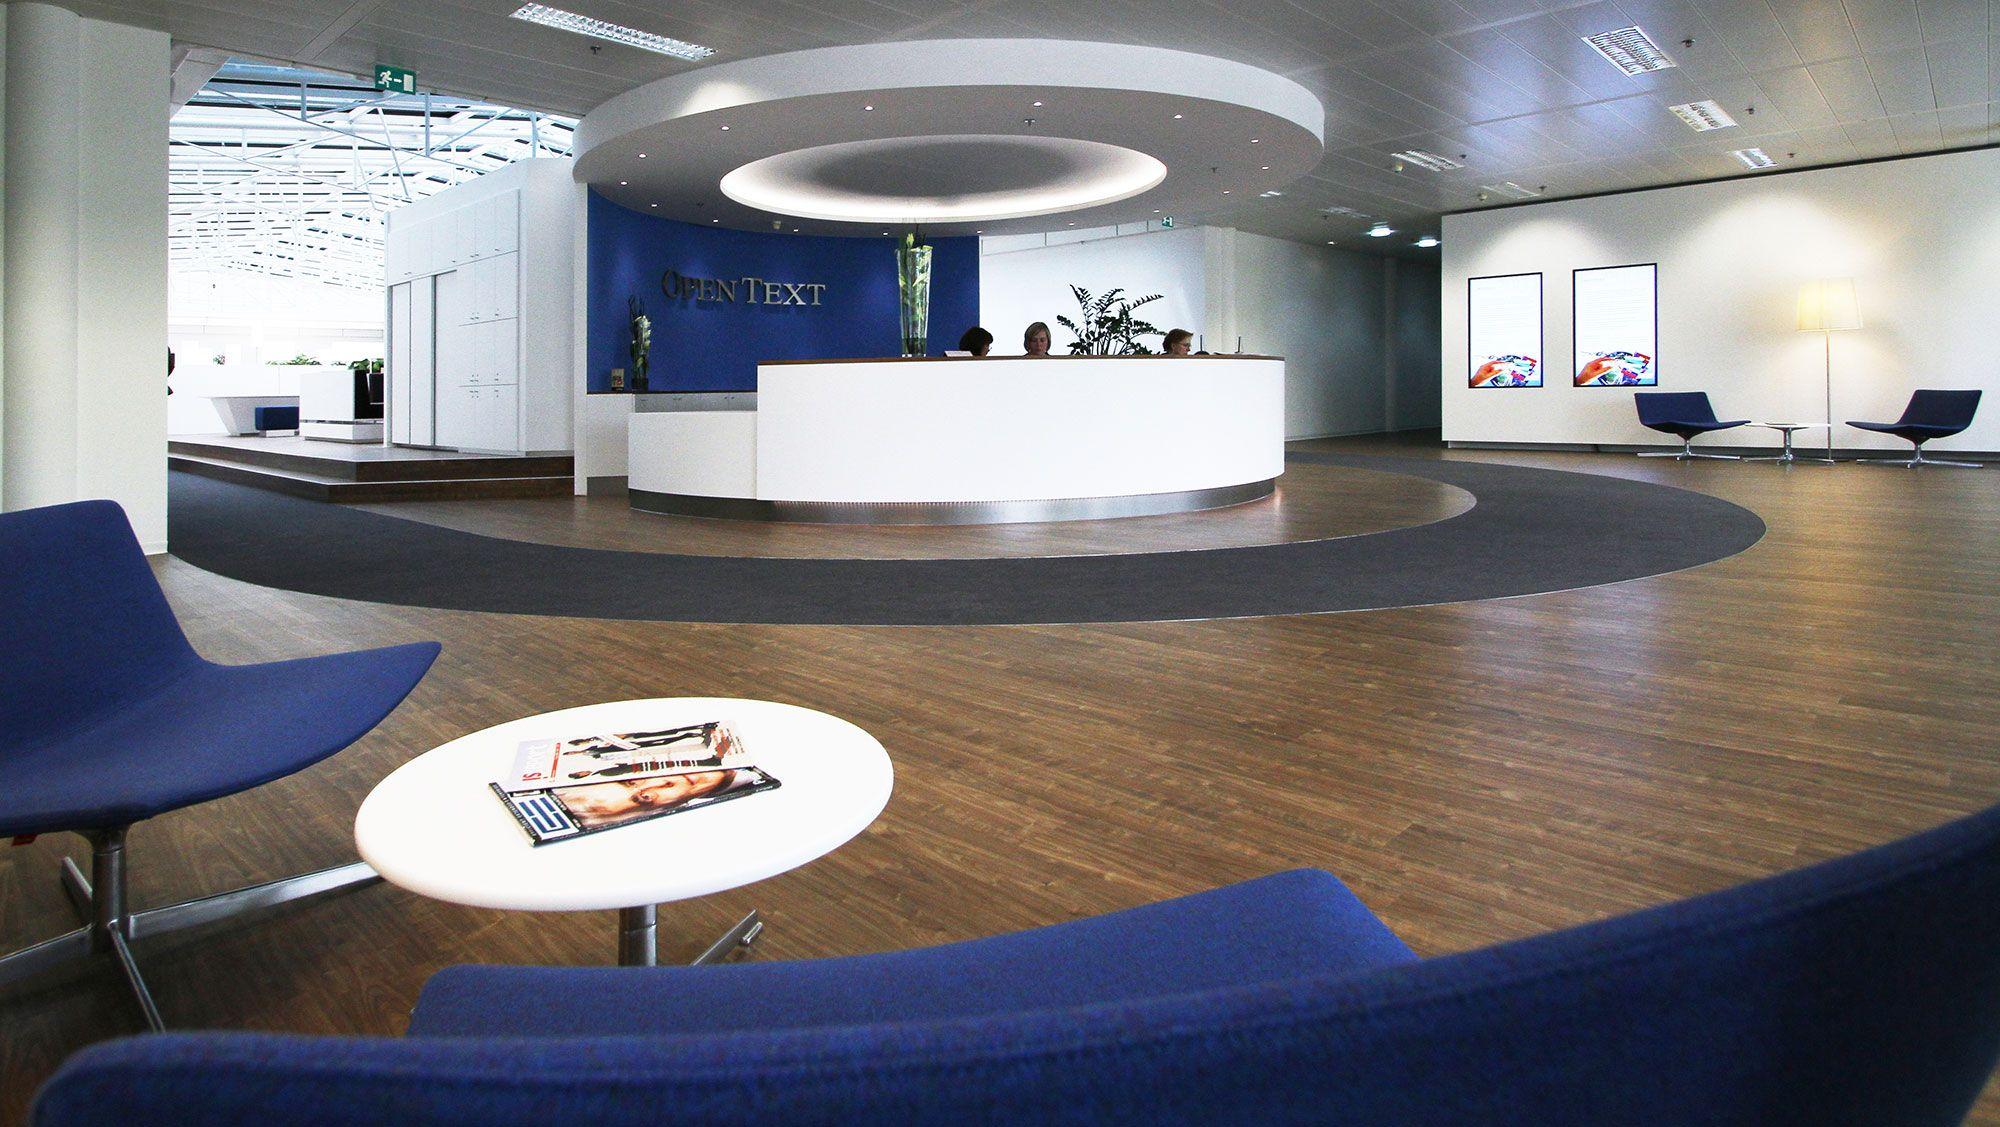 OPENTEXT // Design by RBSGROUP www.rbsgroup.eu // Reception desk // welcome // design